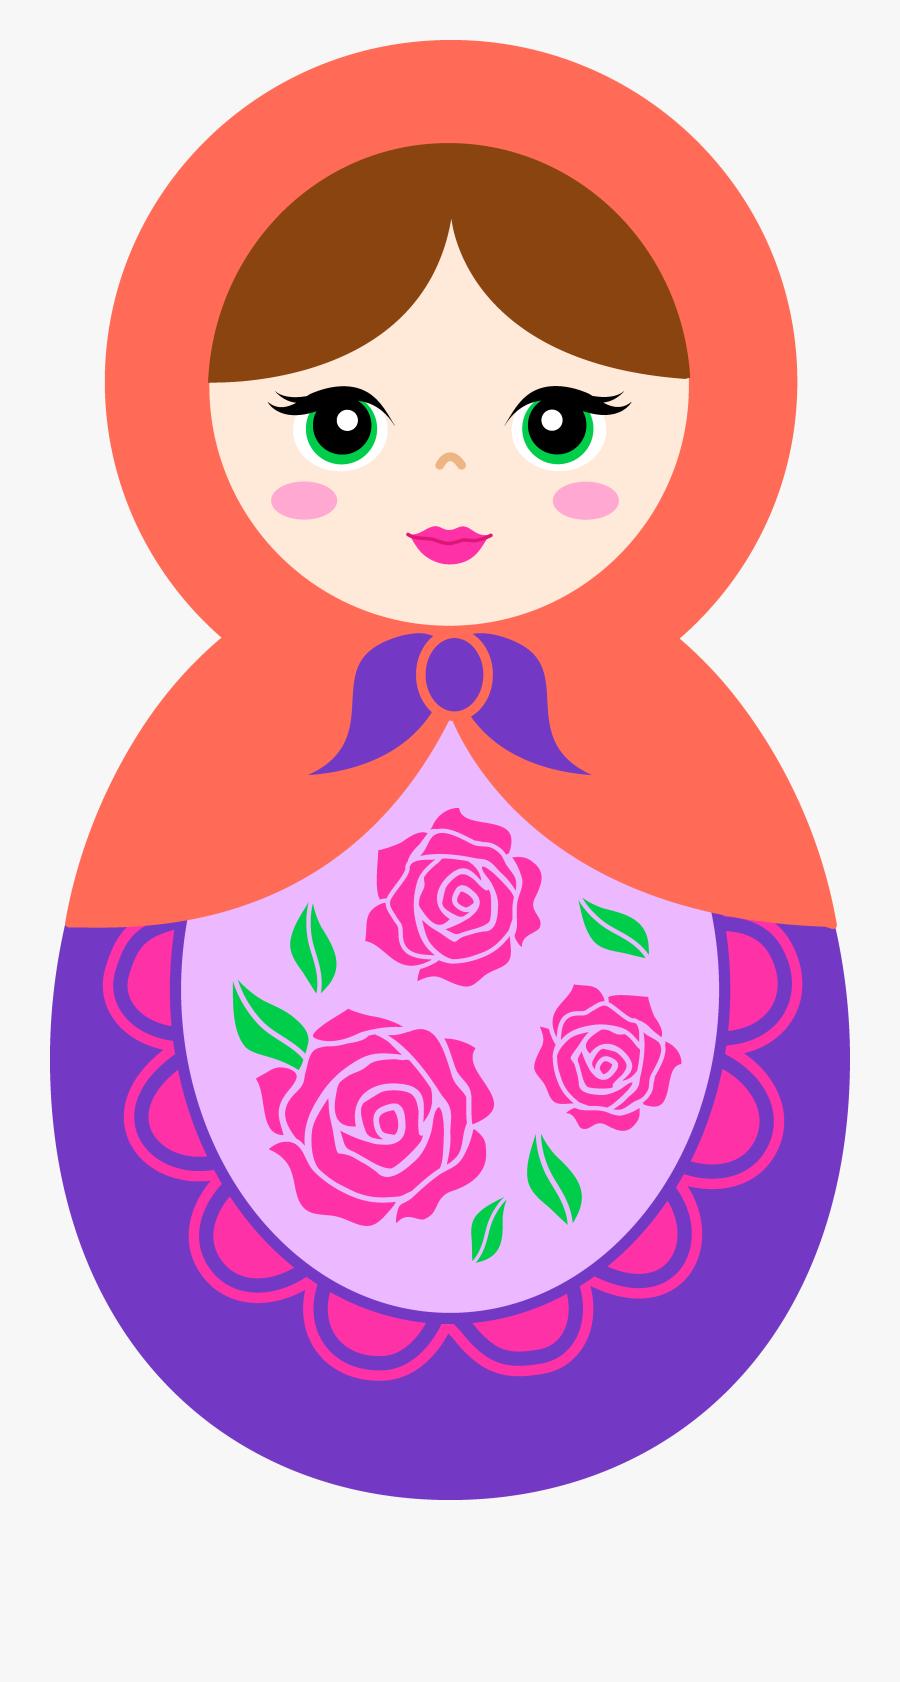 And Purple Matryoshka Doll - Matryoshka Doll Clipart, Transparent Clipart